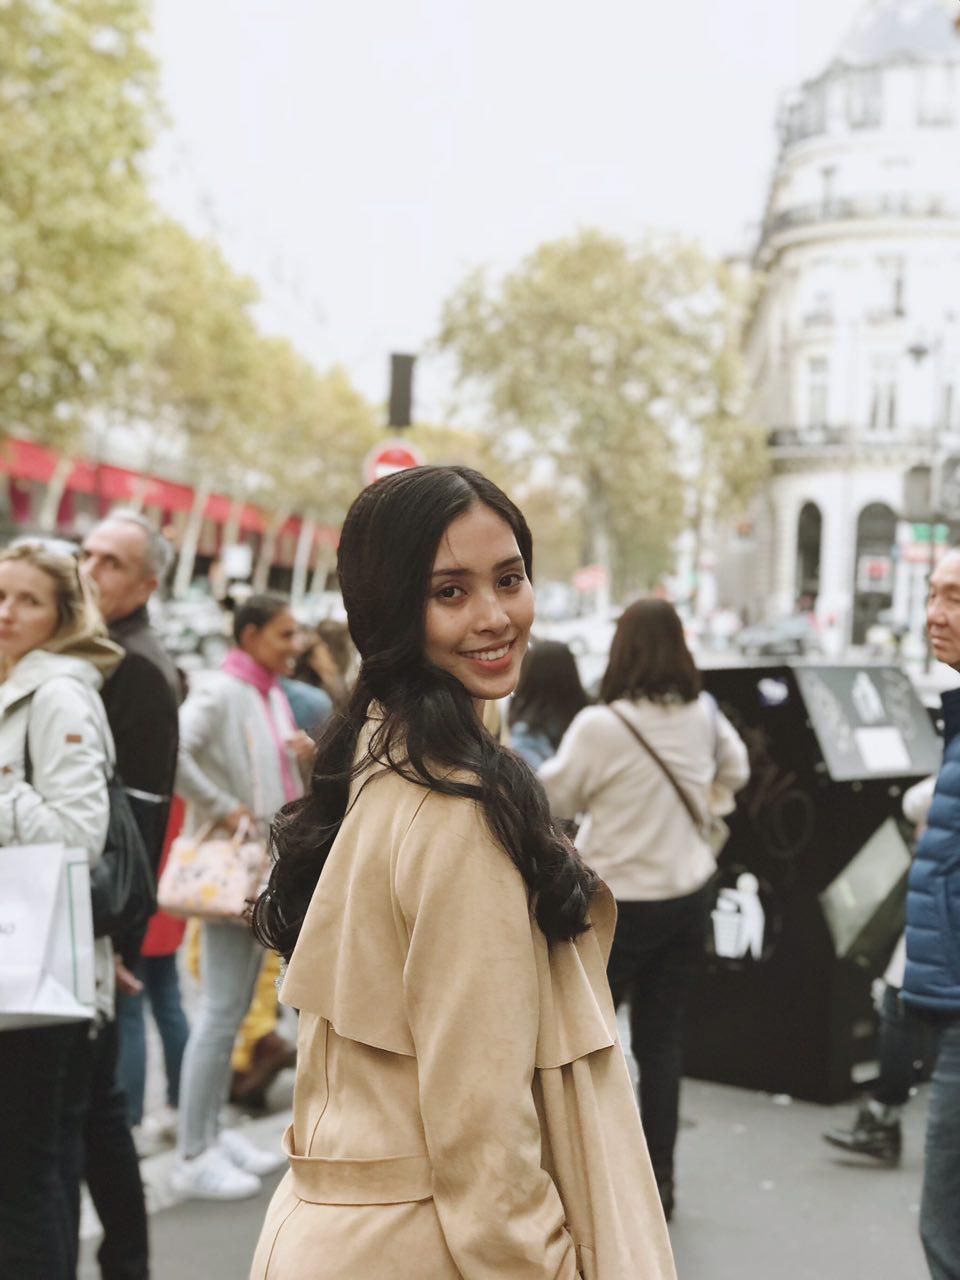 Trước thềm sự kiện ra mắt ô tô VINFAST, Hoa hậu Tiểu Vy diện đồ giản dị, hào hứng khám phá Paris - Ảnh 5.